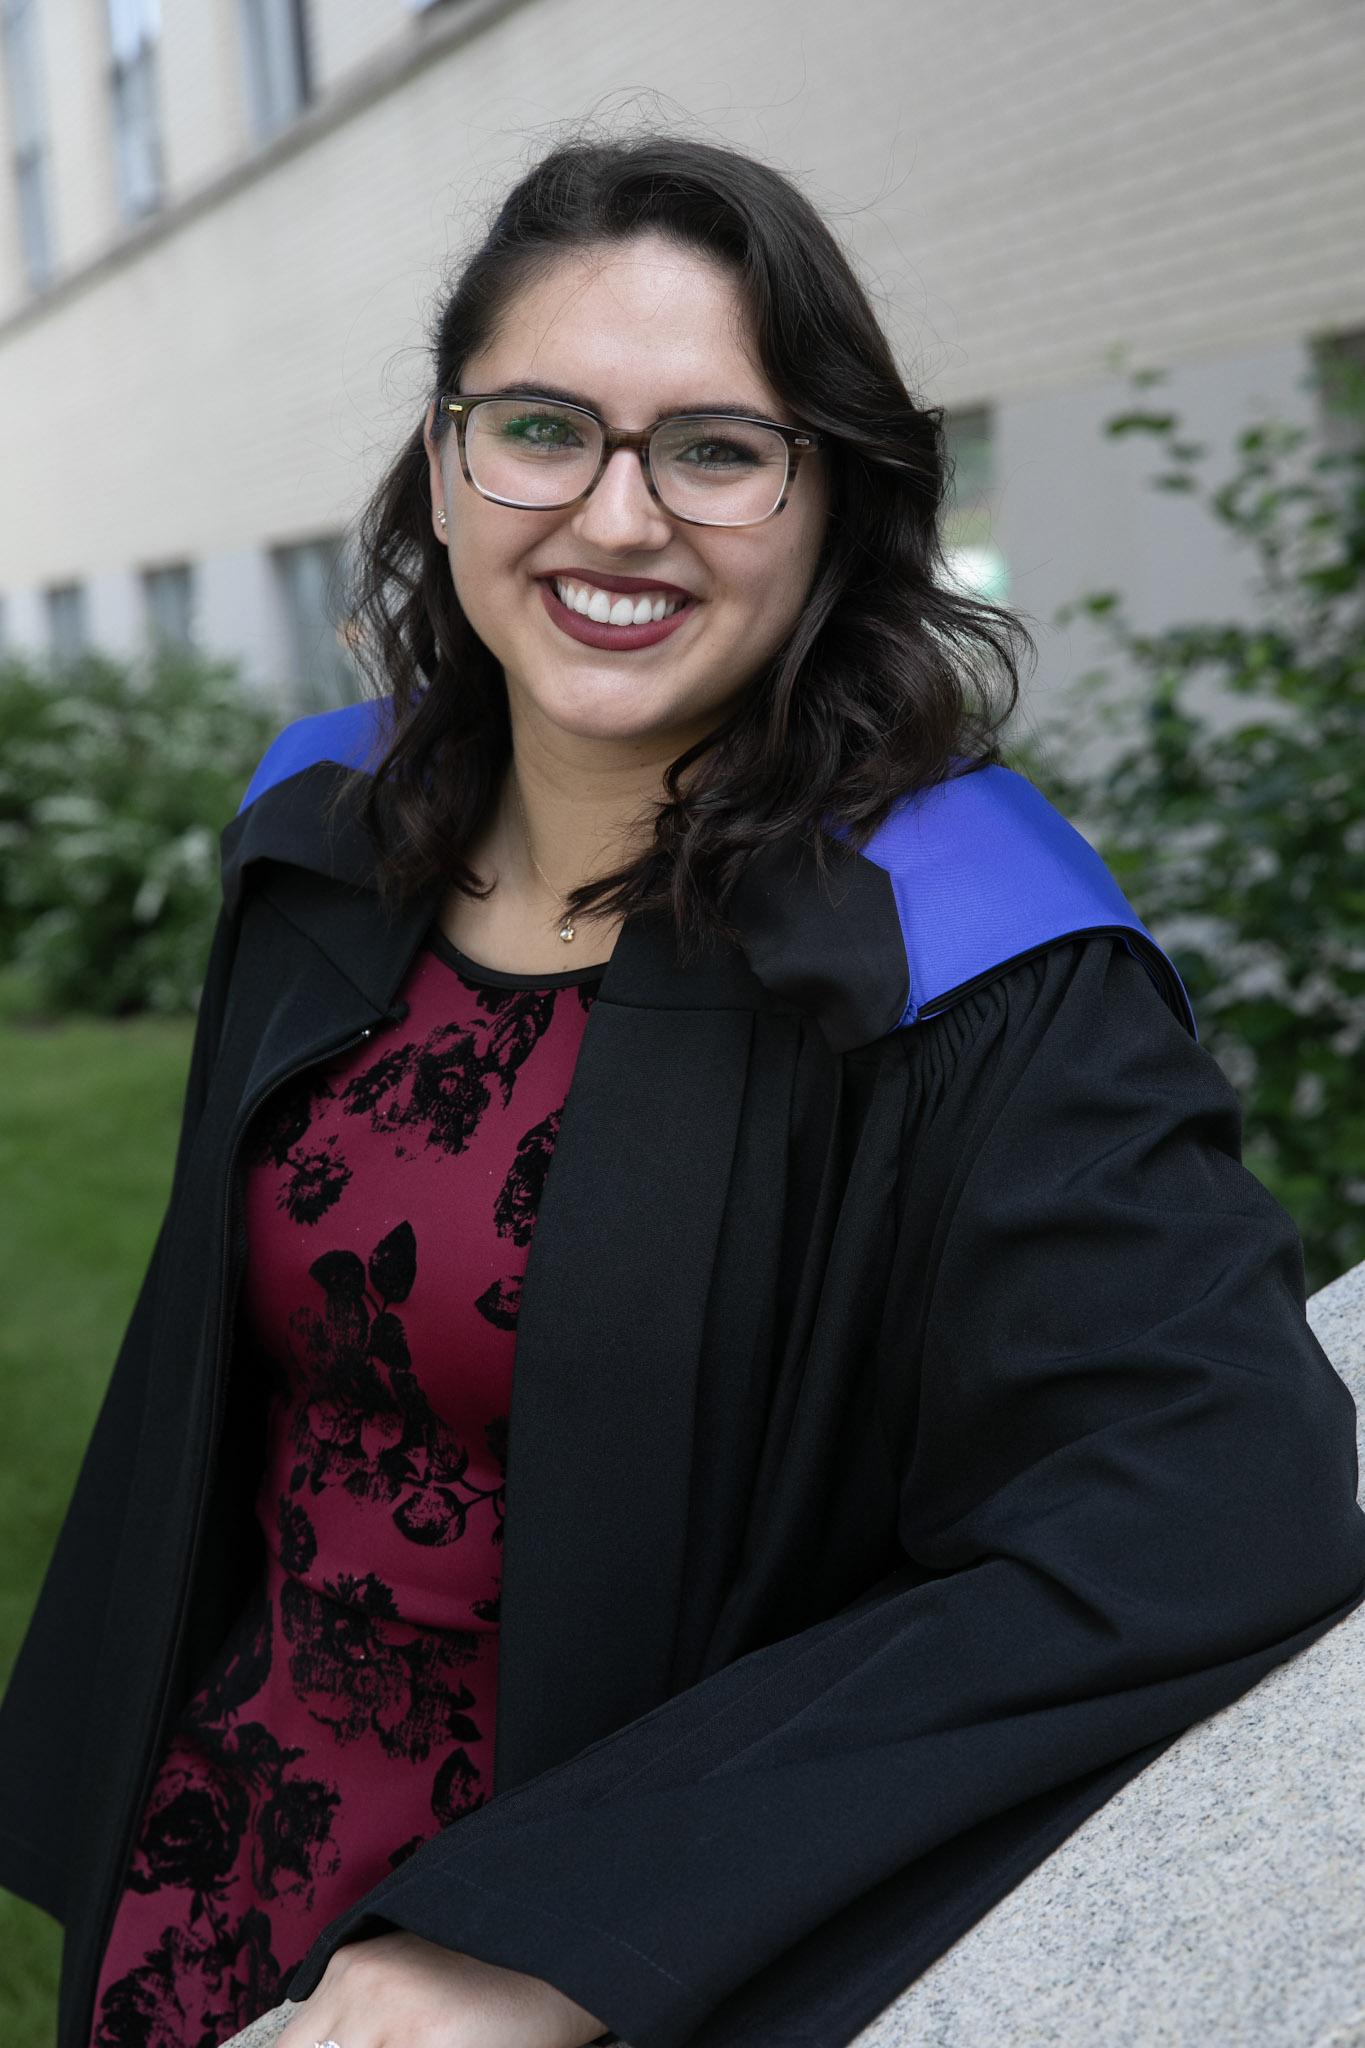 Samantha Morin